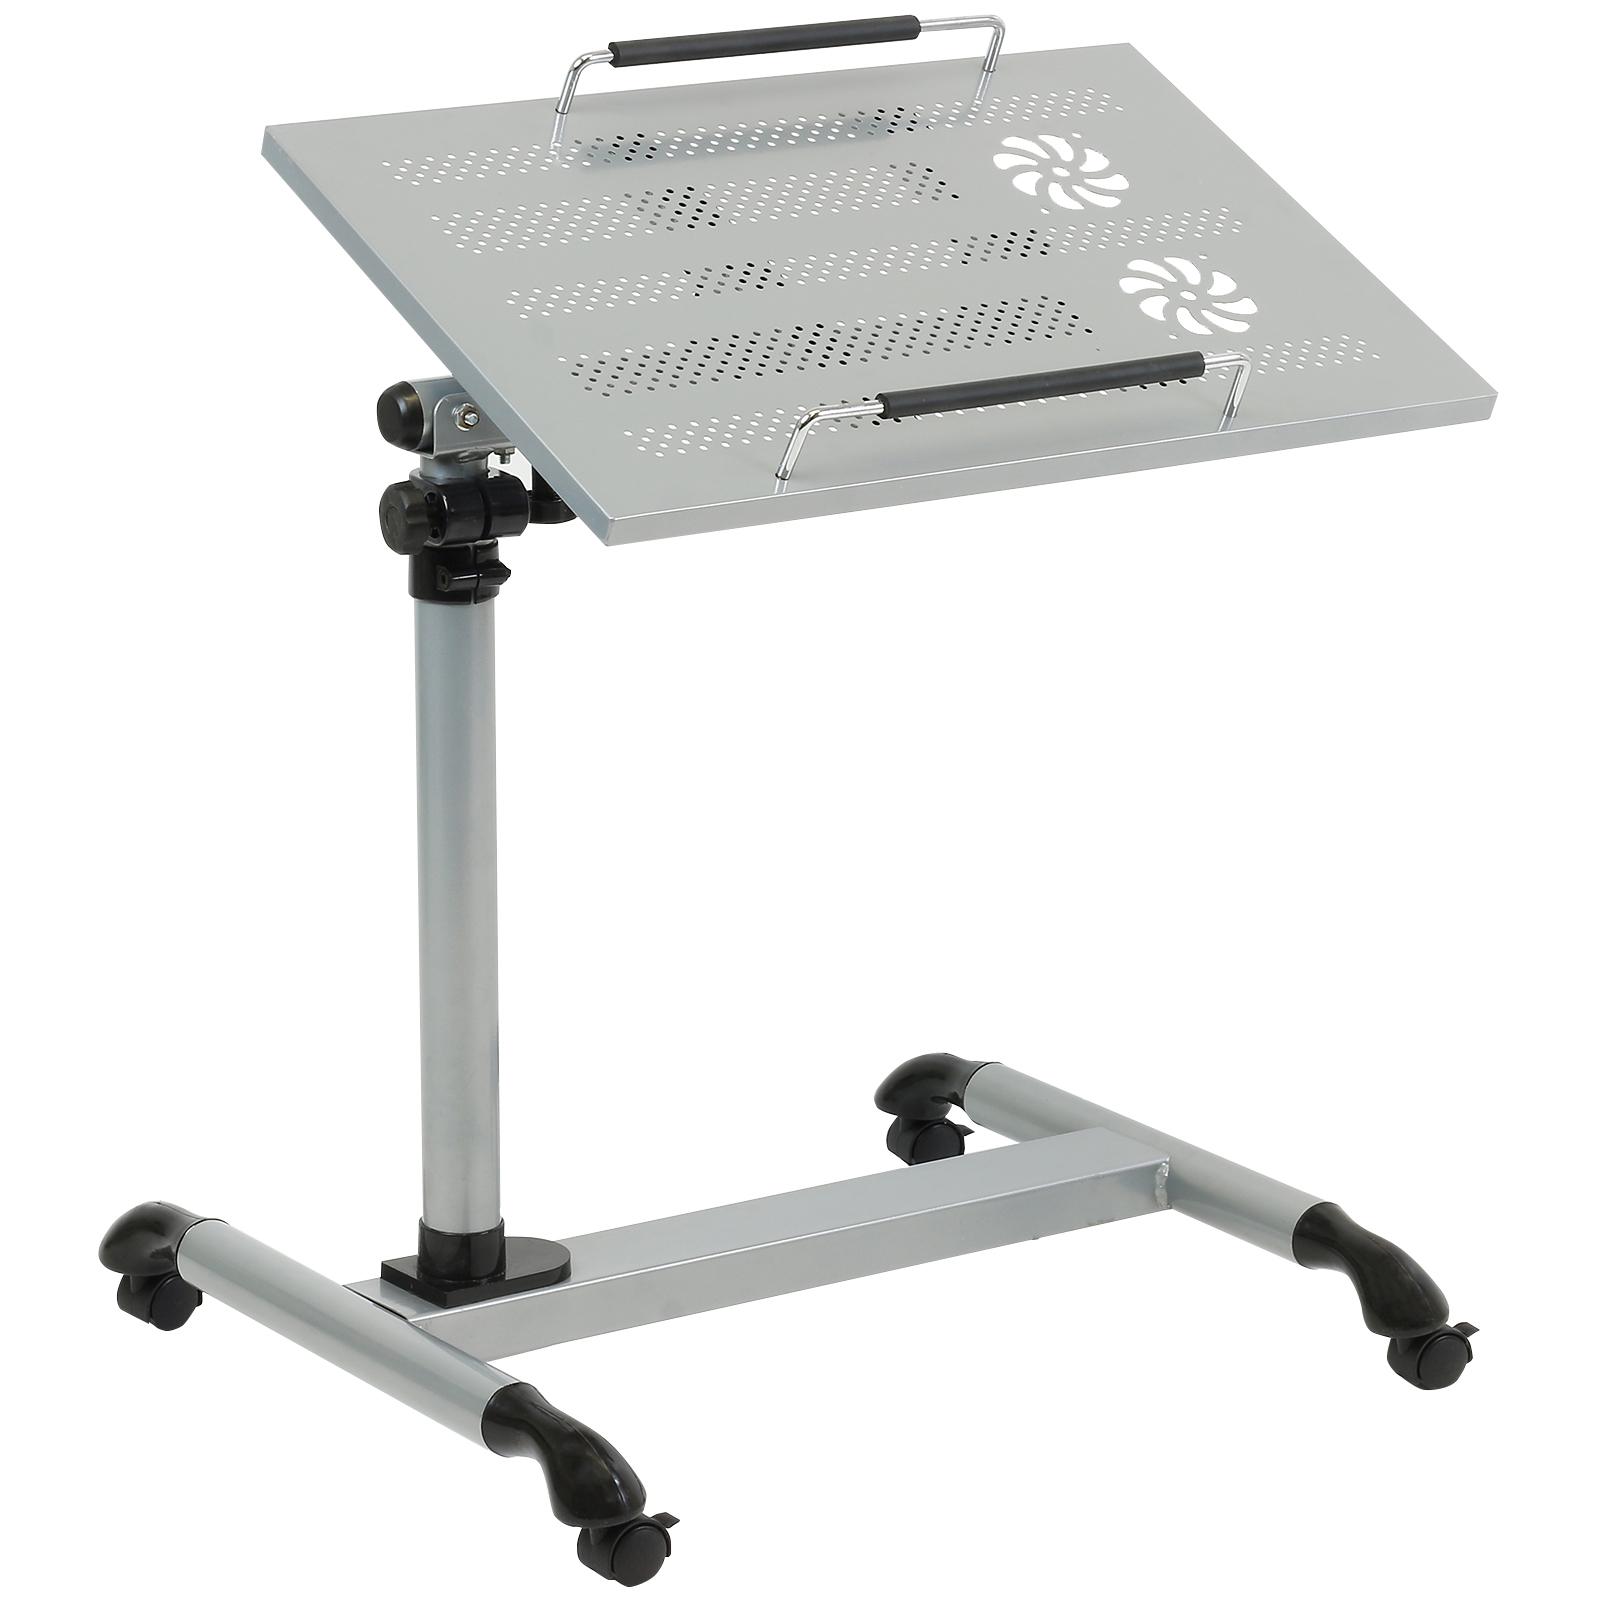 sentinel hartleys table de litchaisesige support ordinateur portable argent rglable - Table De Lit